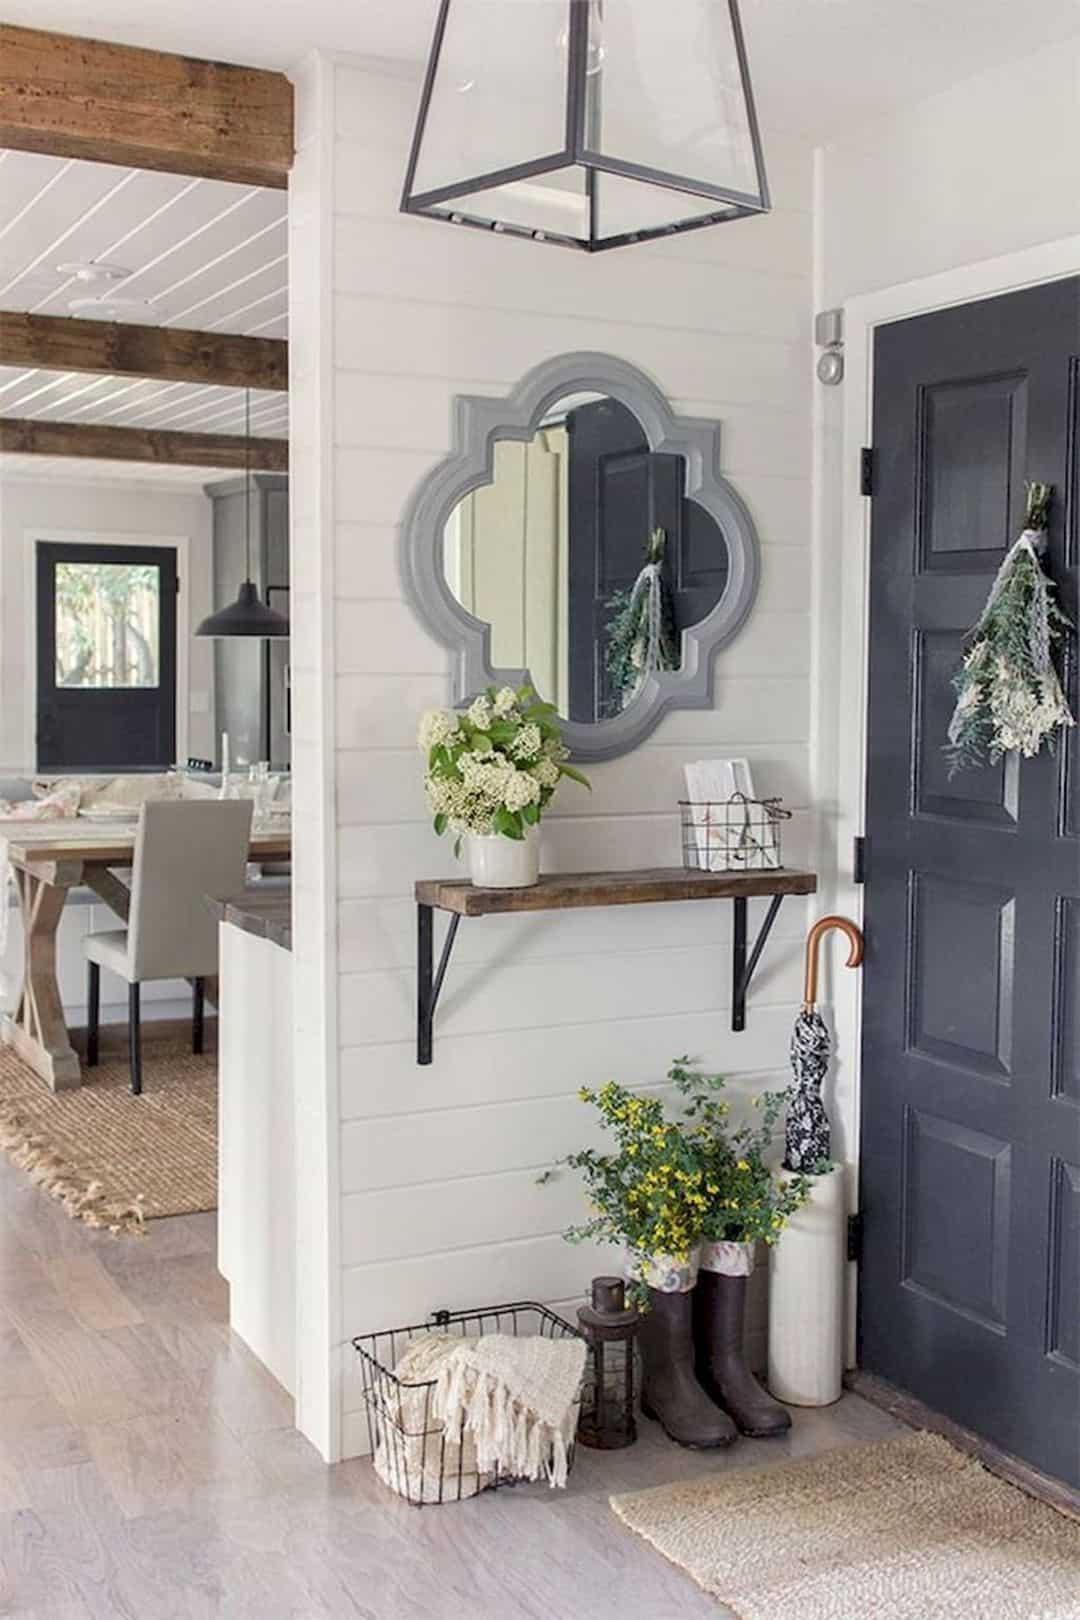 Small mudroom foyer decor